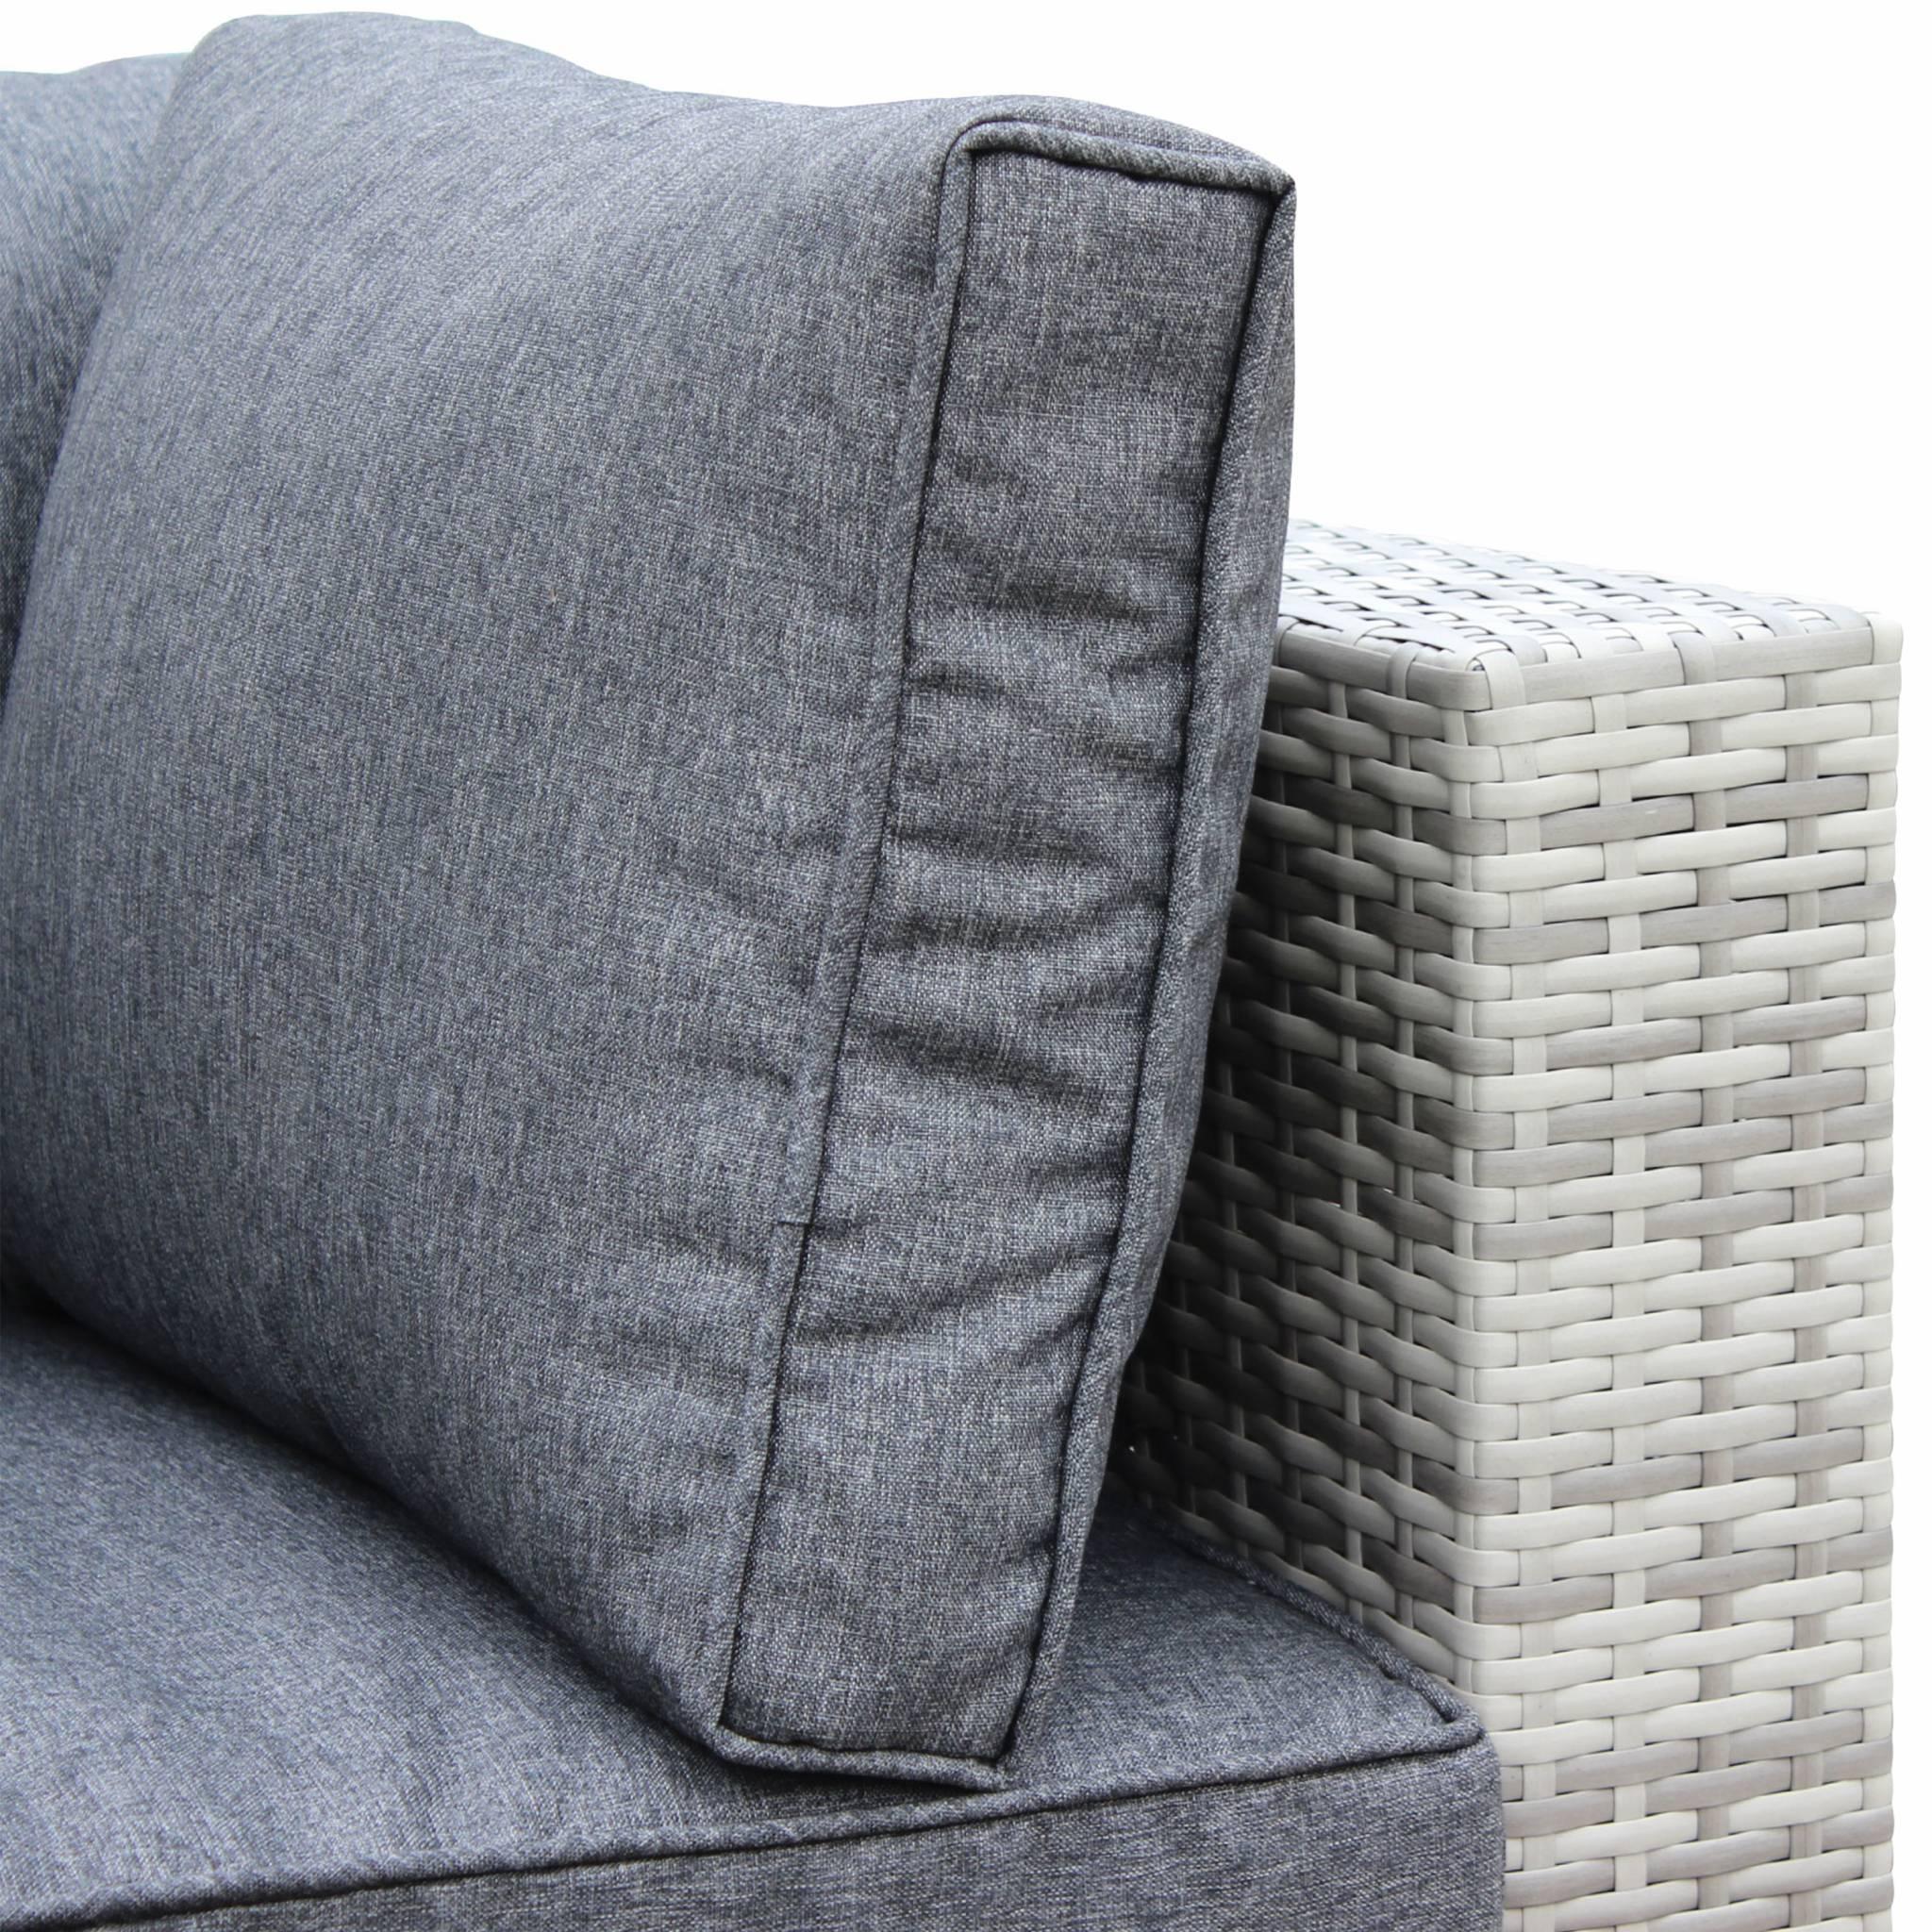 Caligari Nuances de gris / Gris - Salon de jardin table en résine tressée nuances de gris 5 places Caligari canapé fauteuil